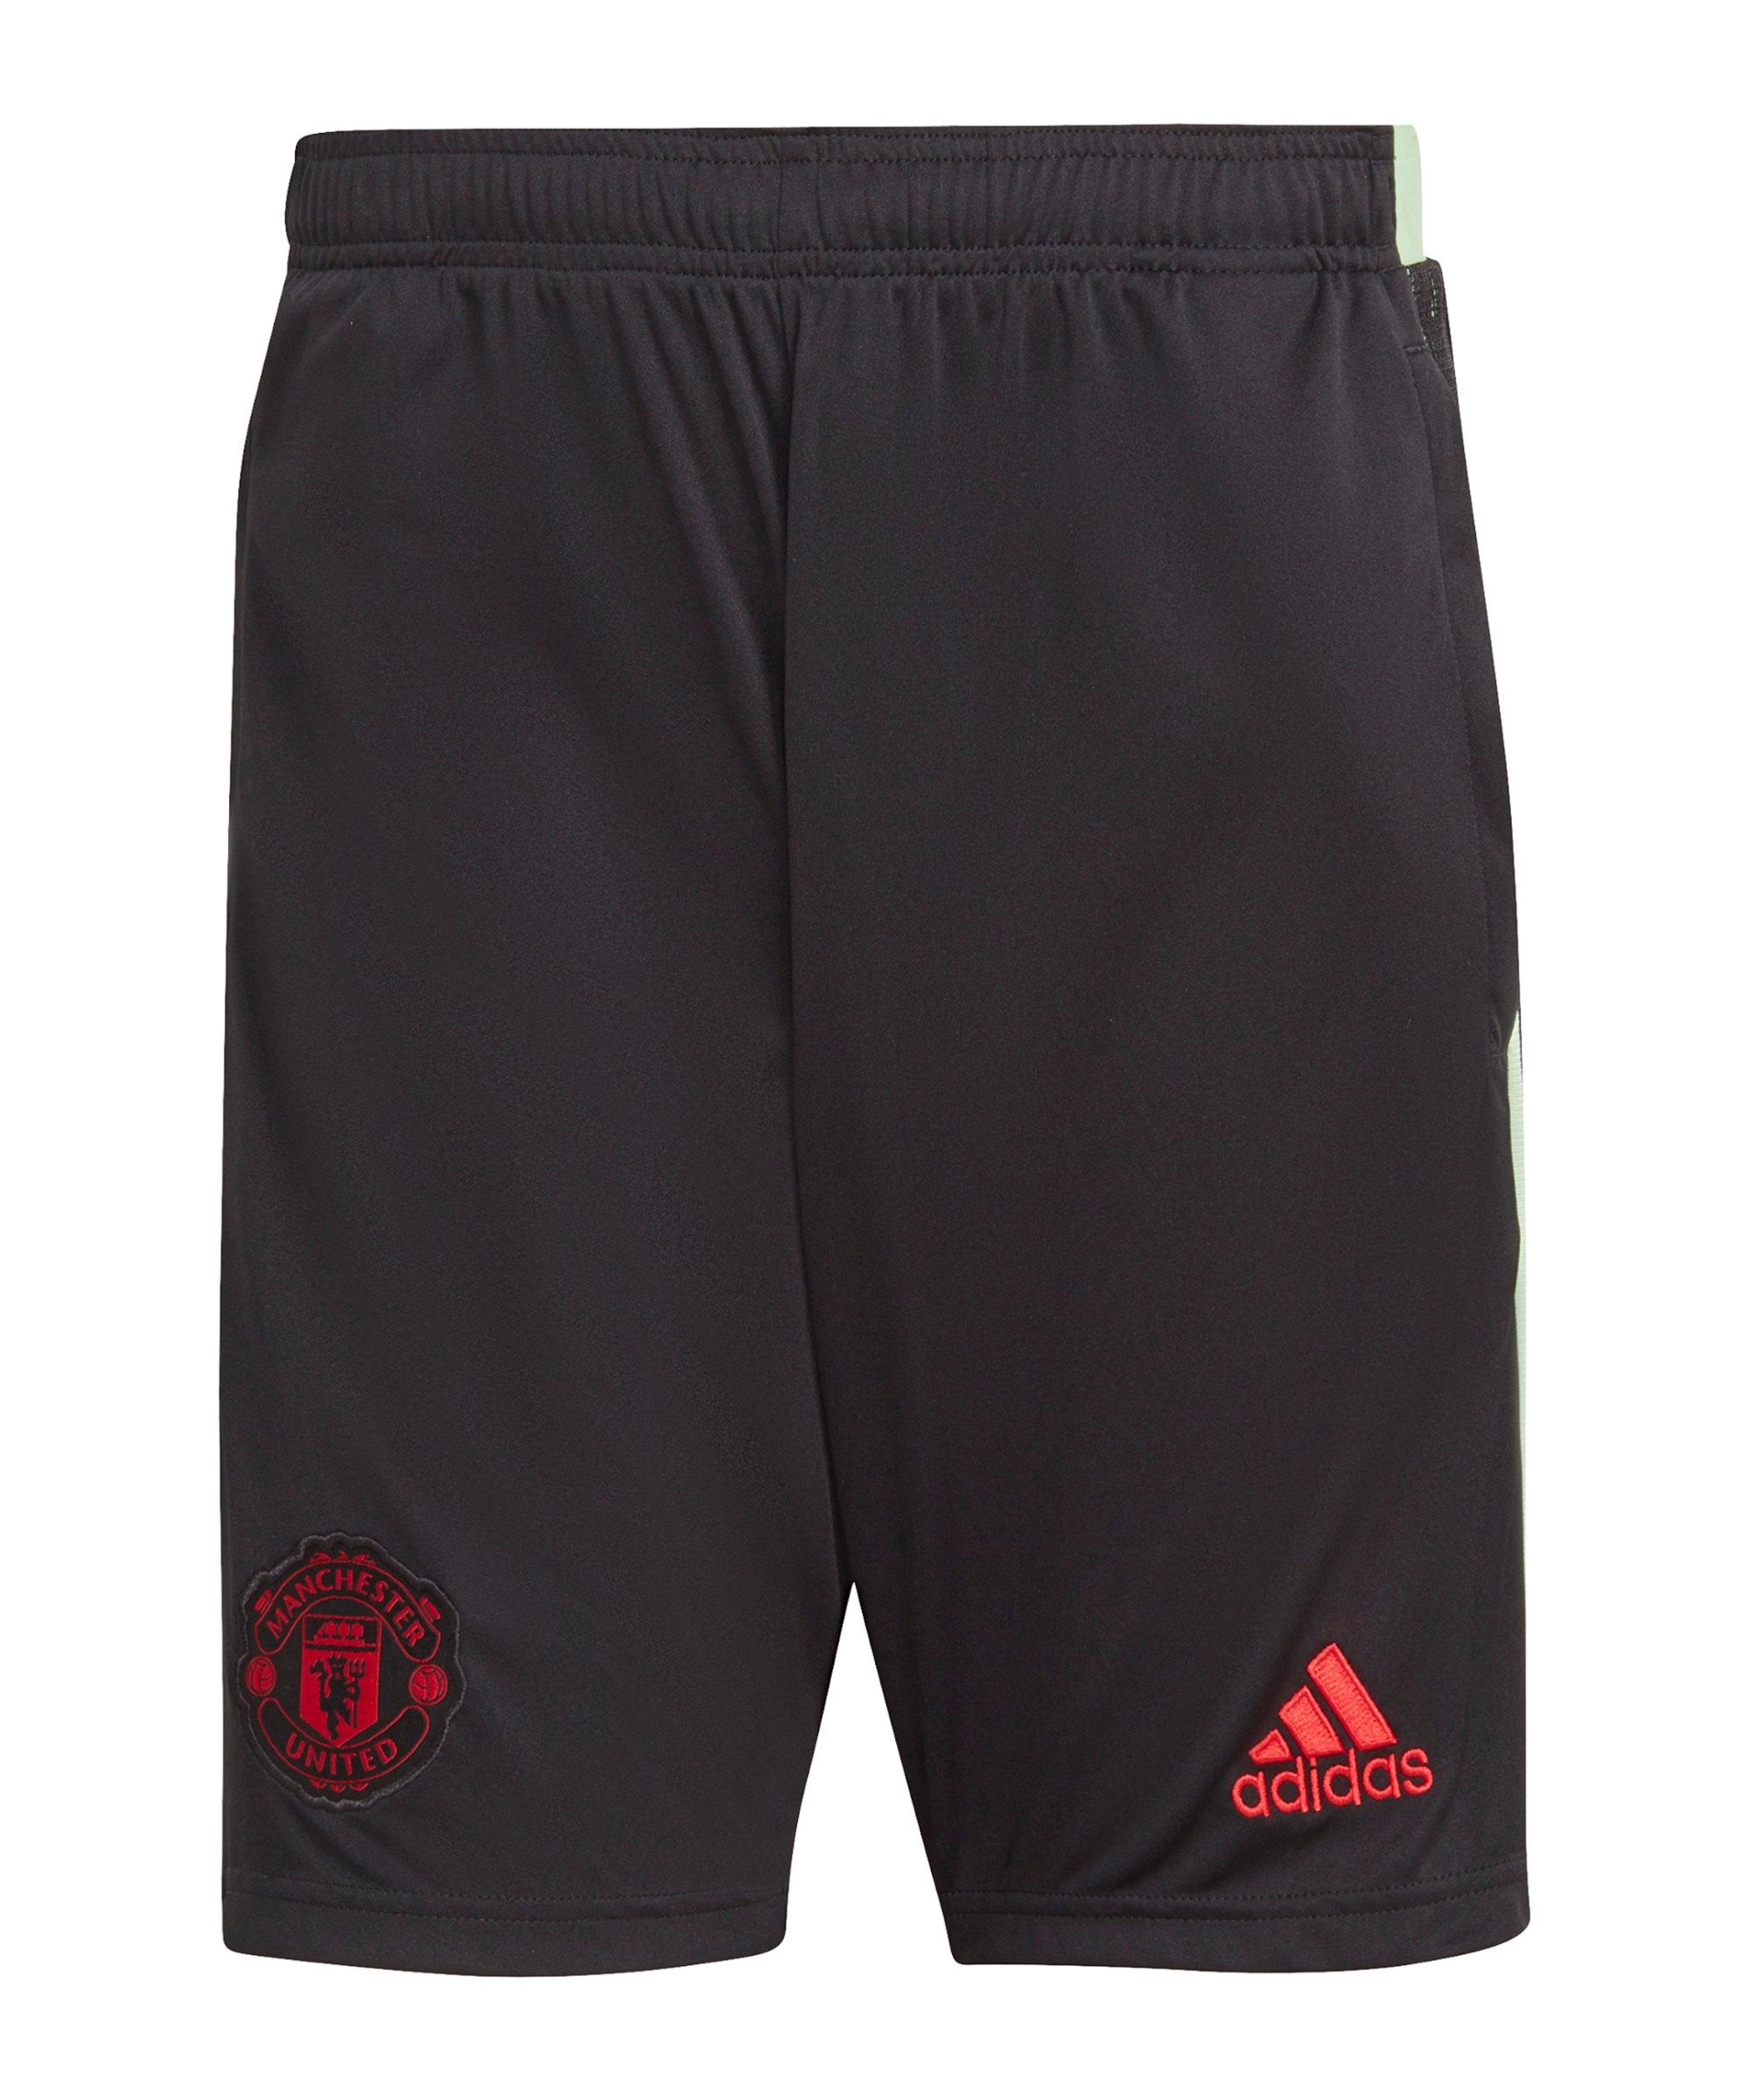 adidas Manchester United Short Schwarz - schwarz